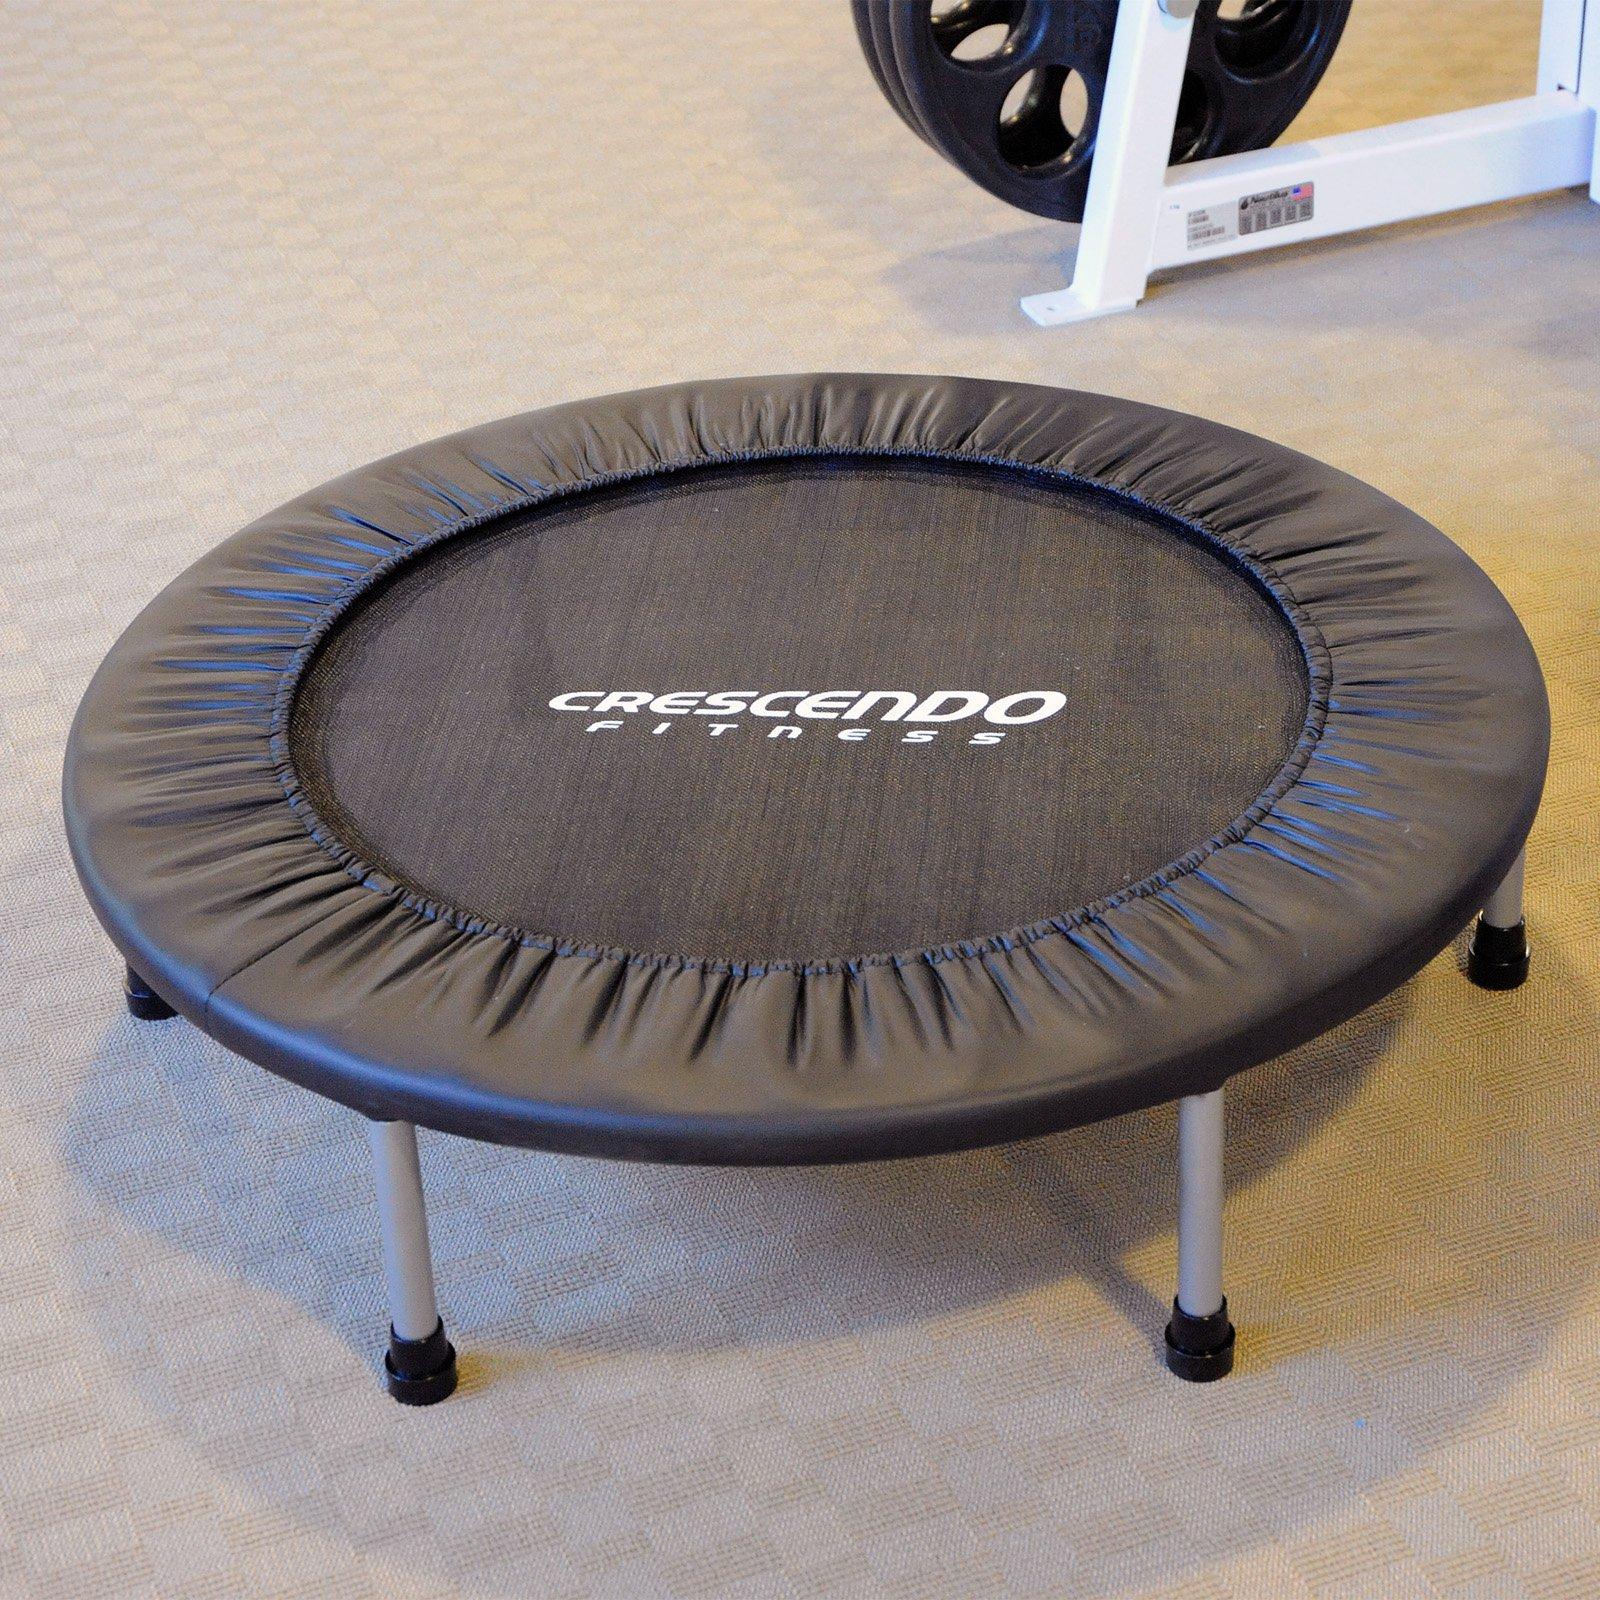 Crescendo Fitness Mini Jump Trampoline - 36 in. - Black